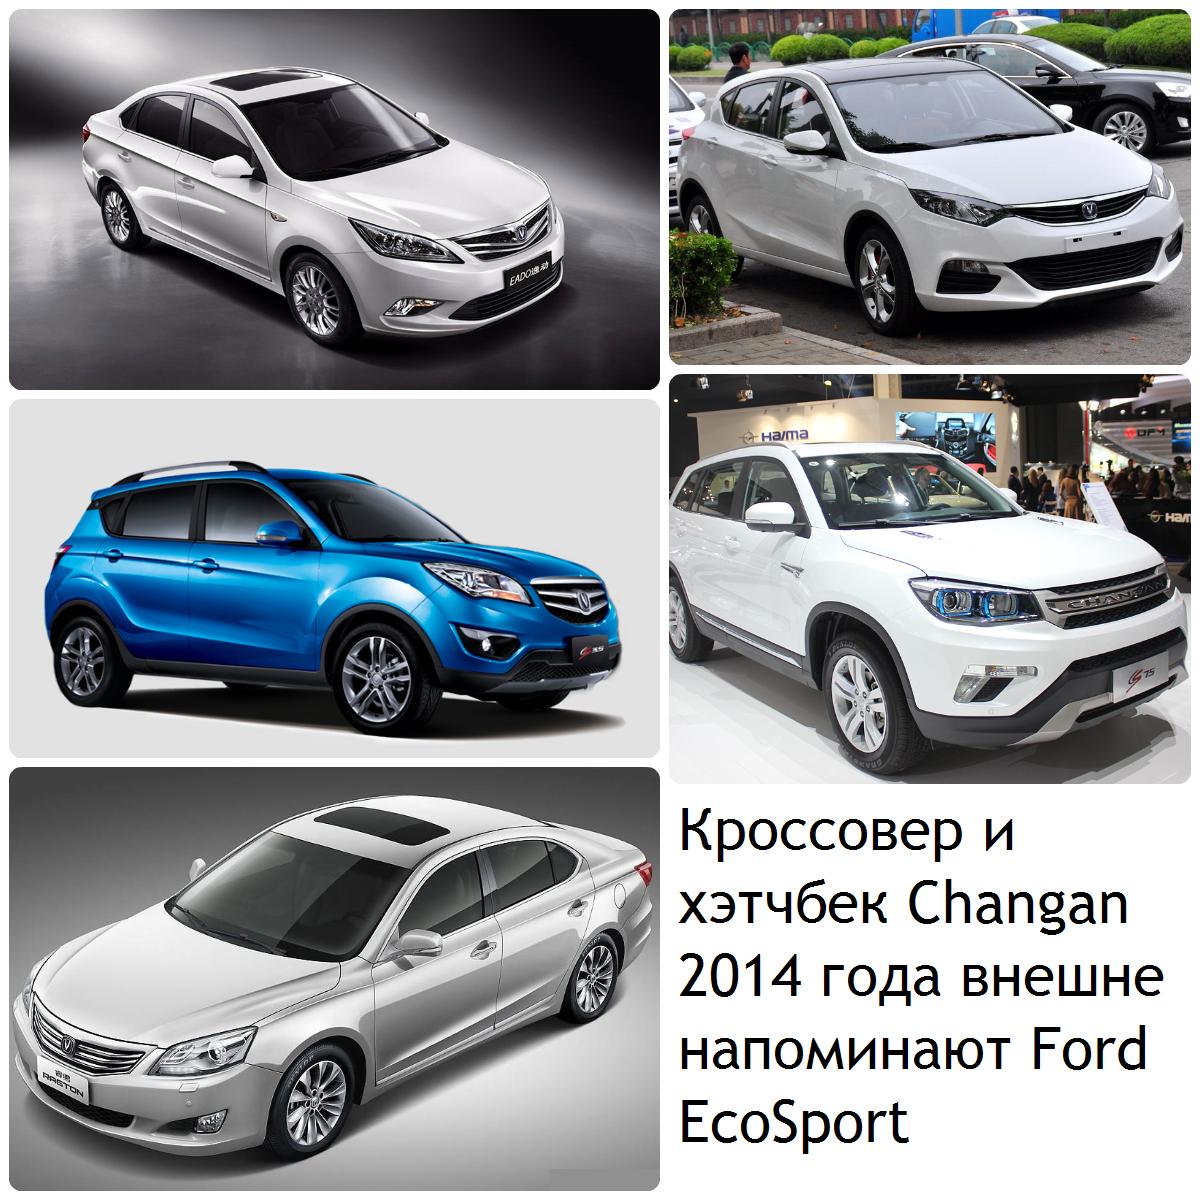 Все модели Changan, предназначенные для России